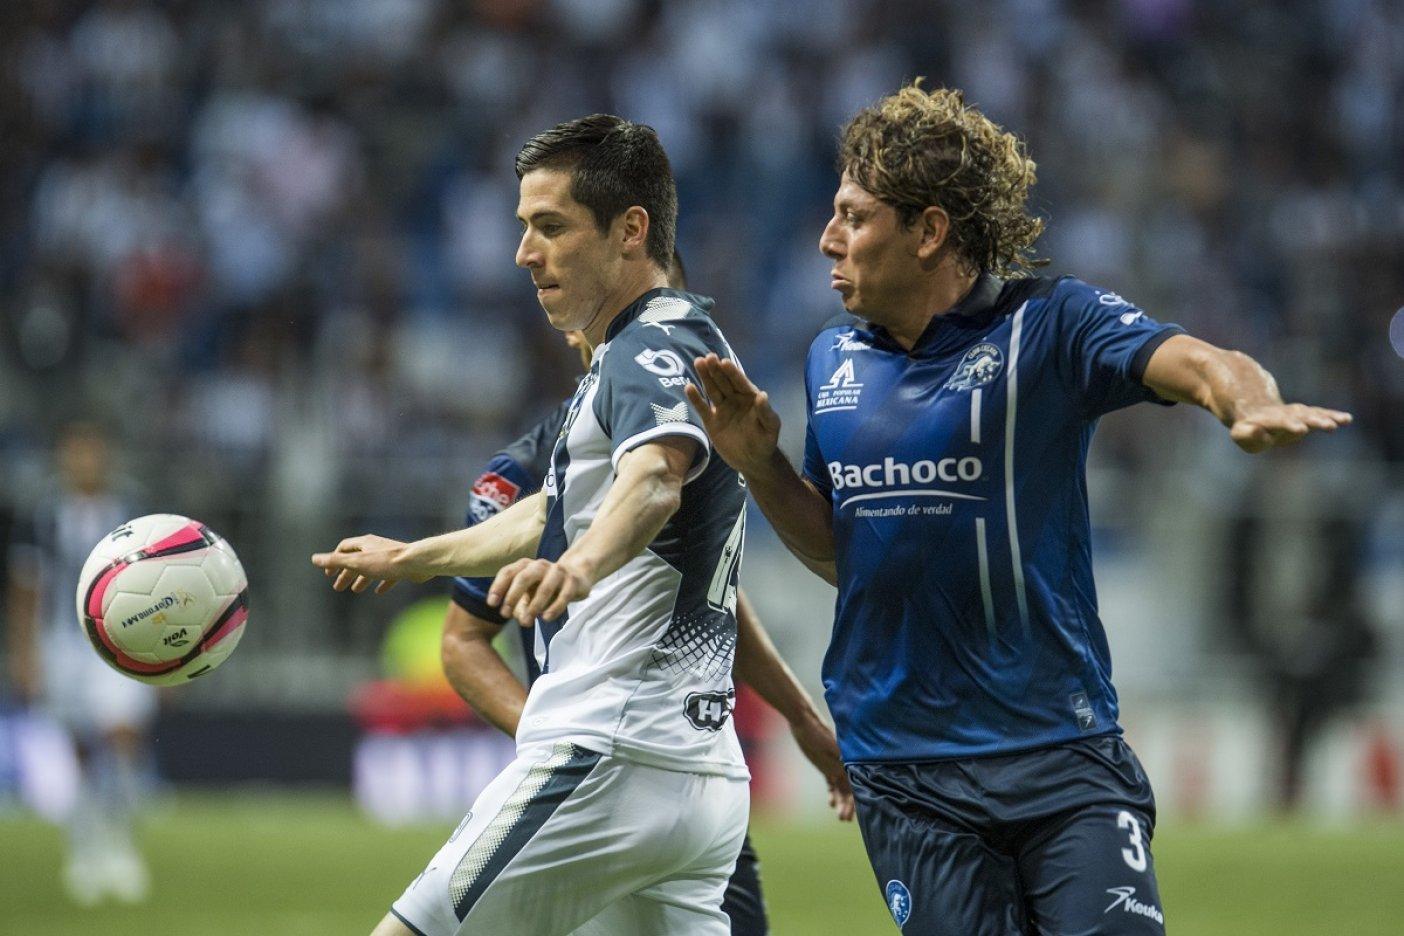 Chivas llega a Monterrey presumiendo campeonato